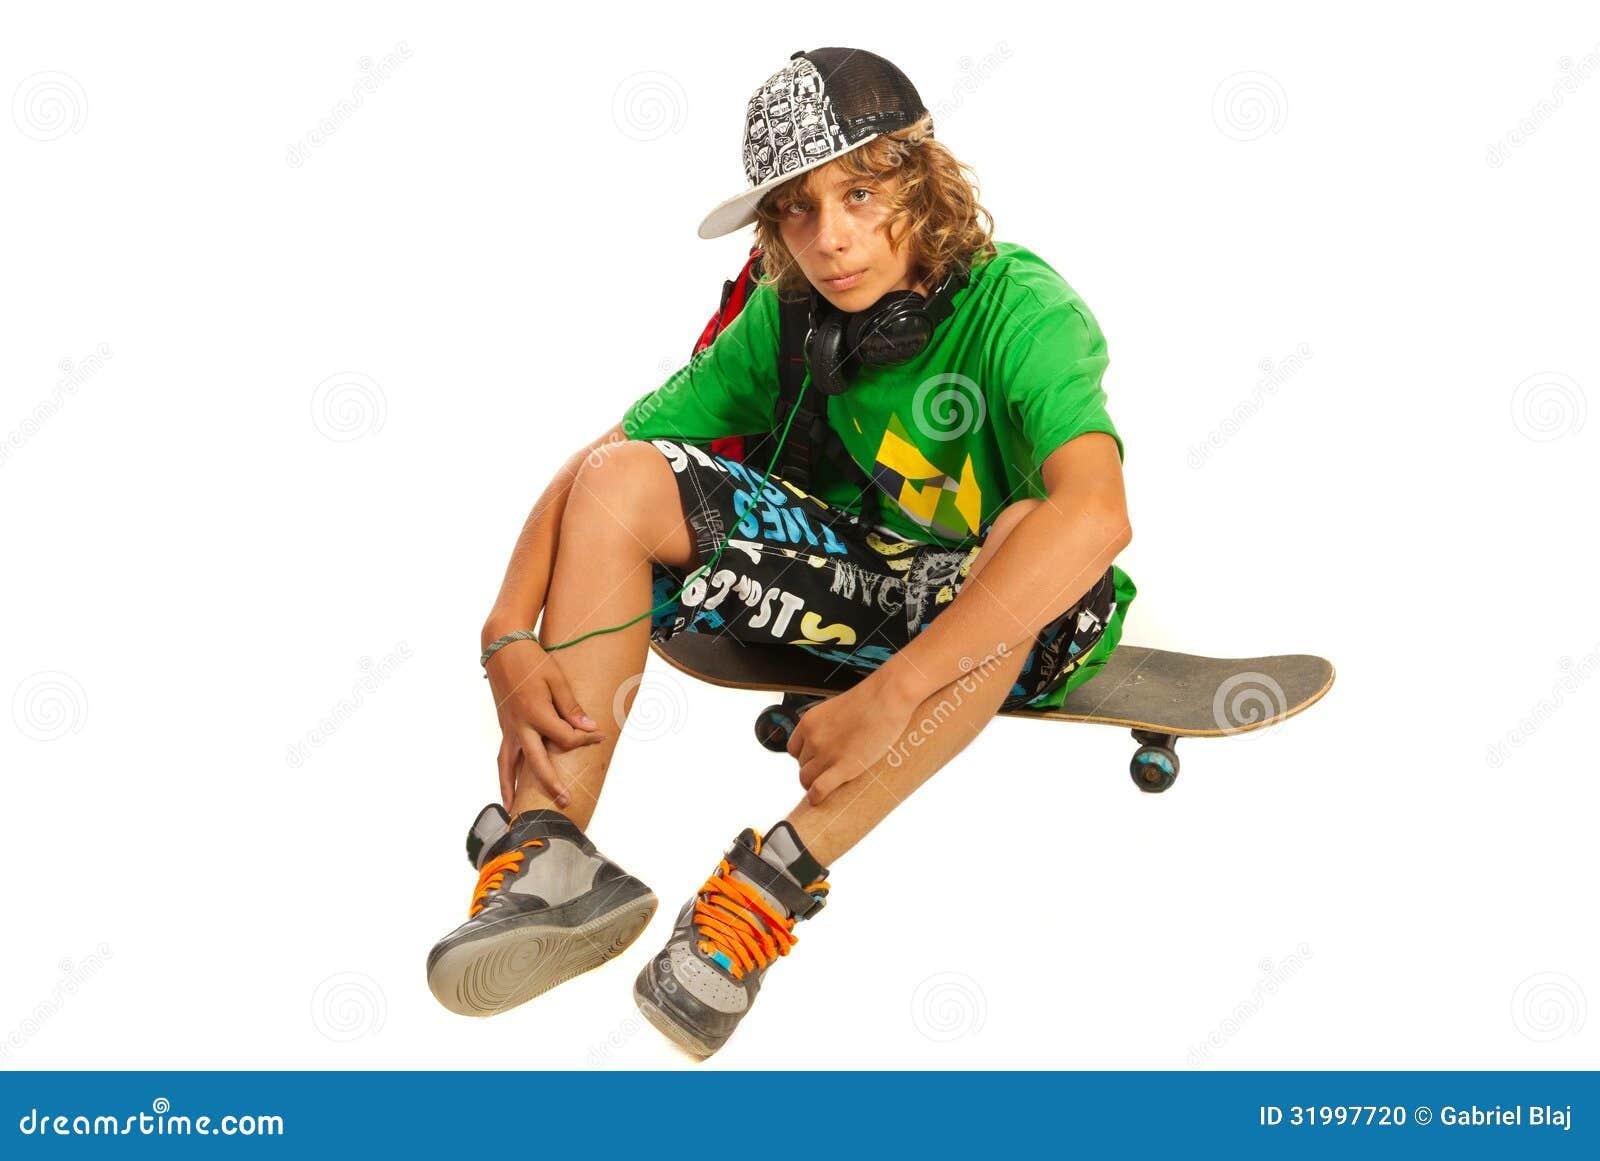 eboarding Teen 36